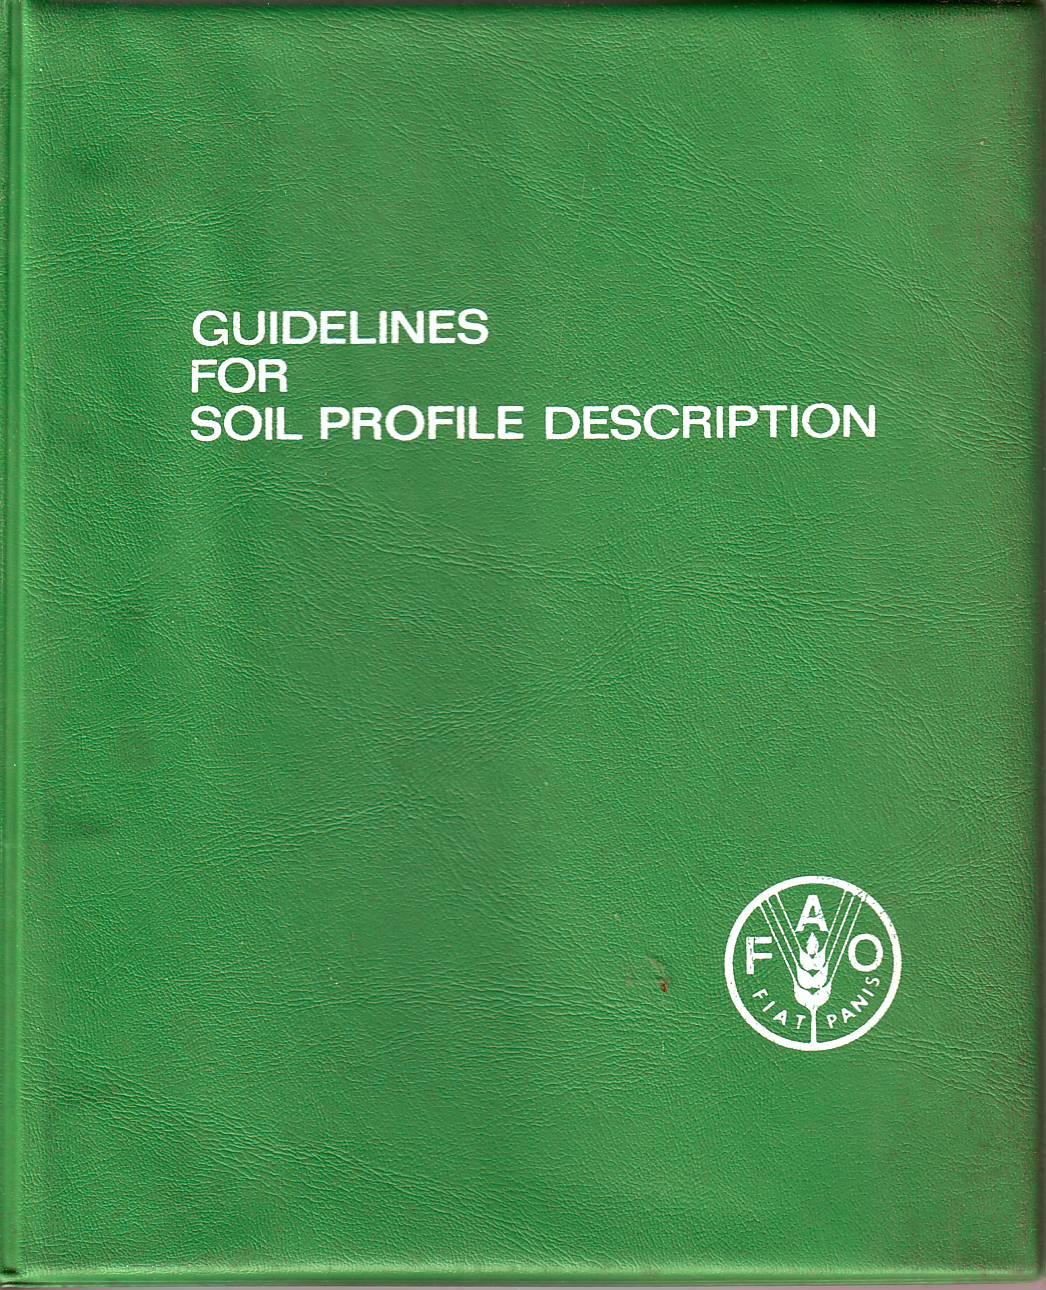 Guidelines for Soil Profile Description